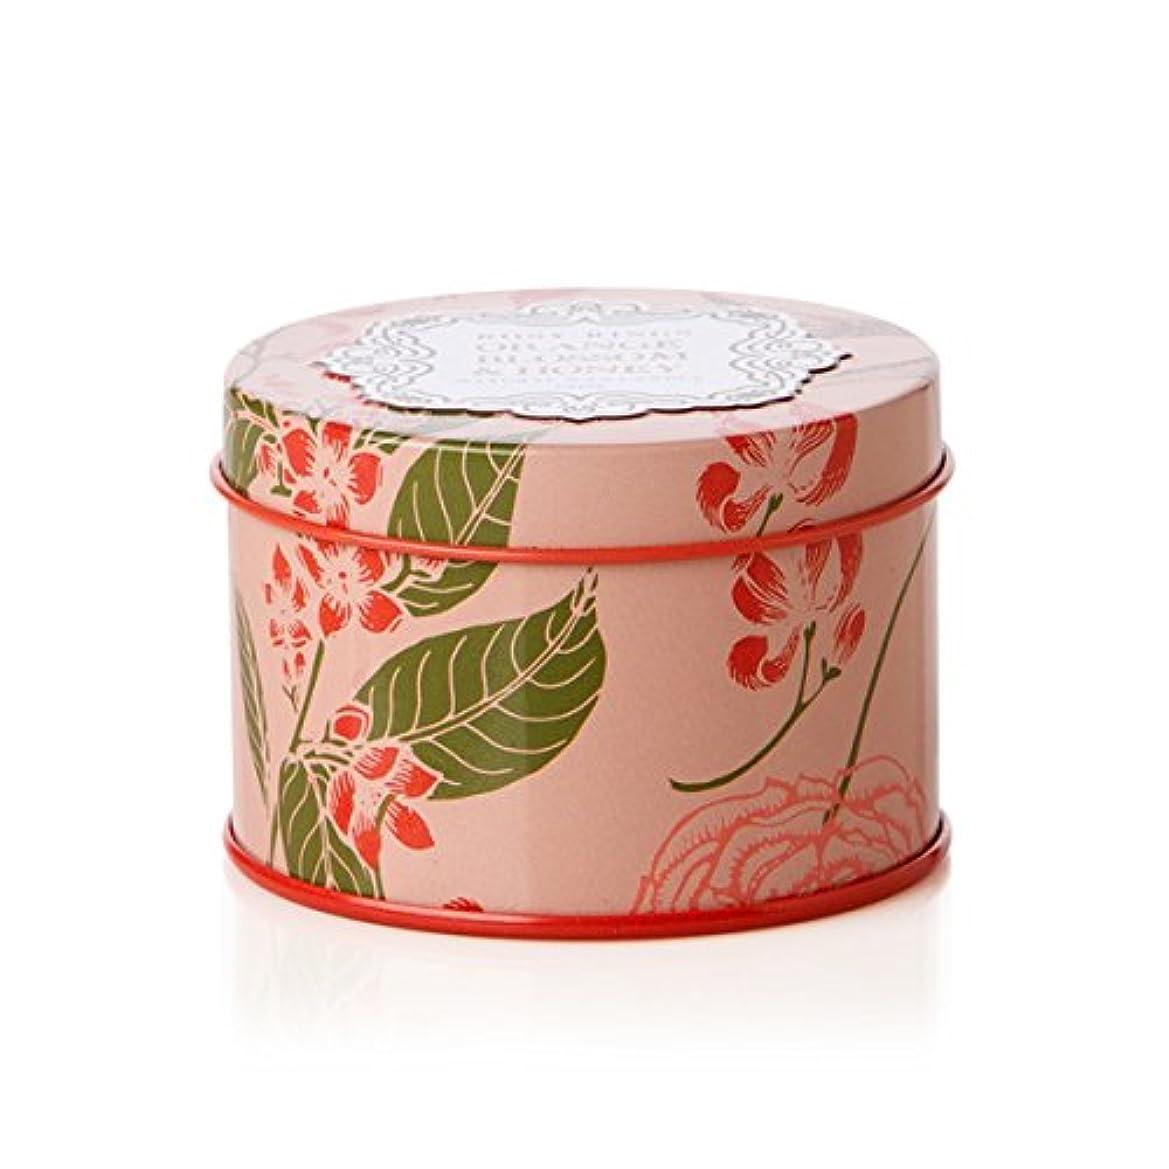 欲望テクスチャー酔ったロージーリングス プティティンキャンドル オレンジブロッサム&ハニー ROSY RINGS Petite Tin Orange Blossom & Honey